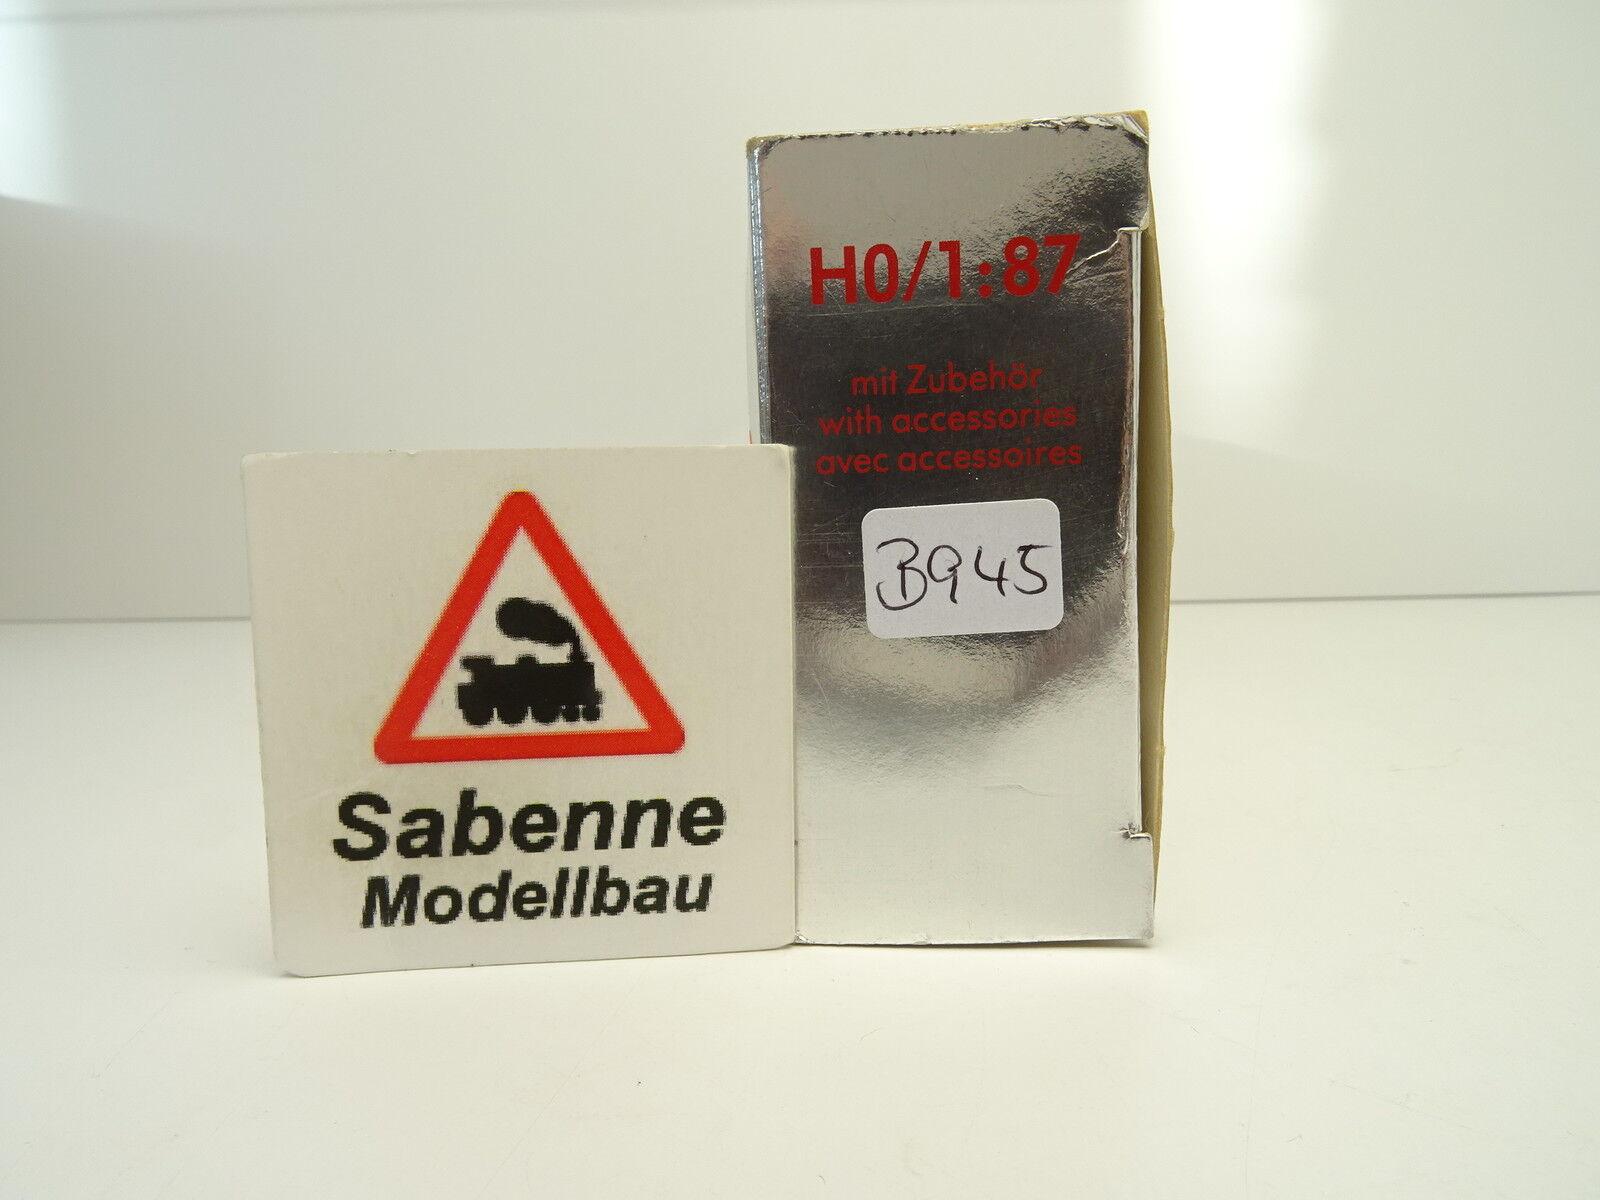 HERPA 1/87 série exclusiveHommes t série 1/87 MB AlfRouge  teves plastique technique uat OVP b945 6344c7